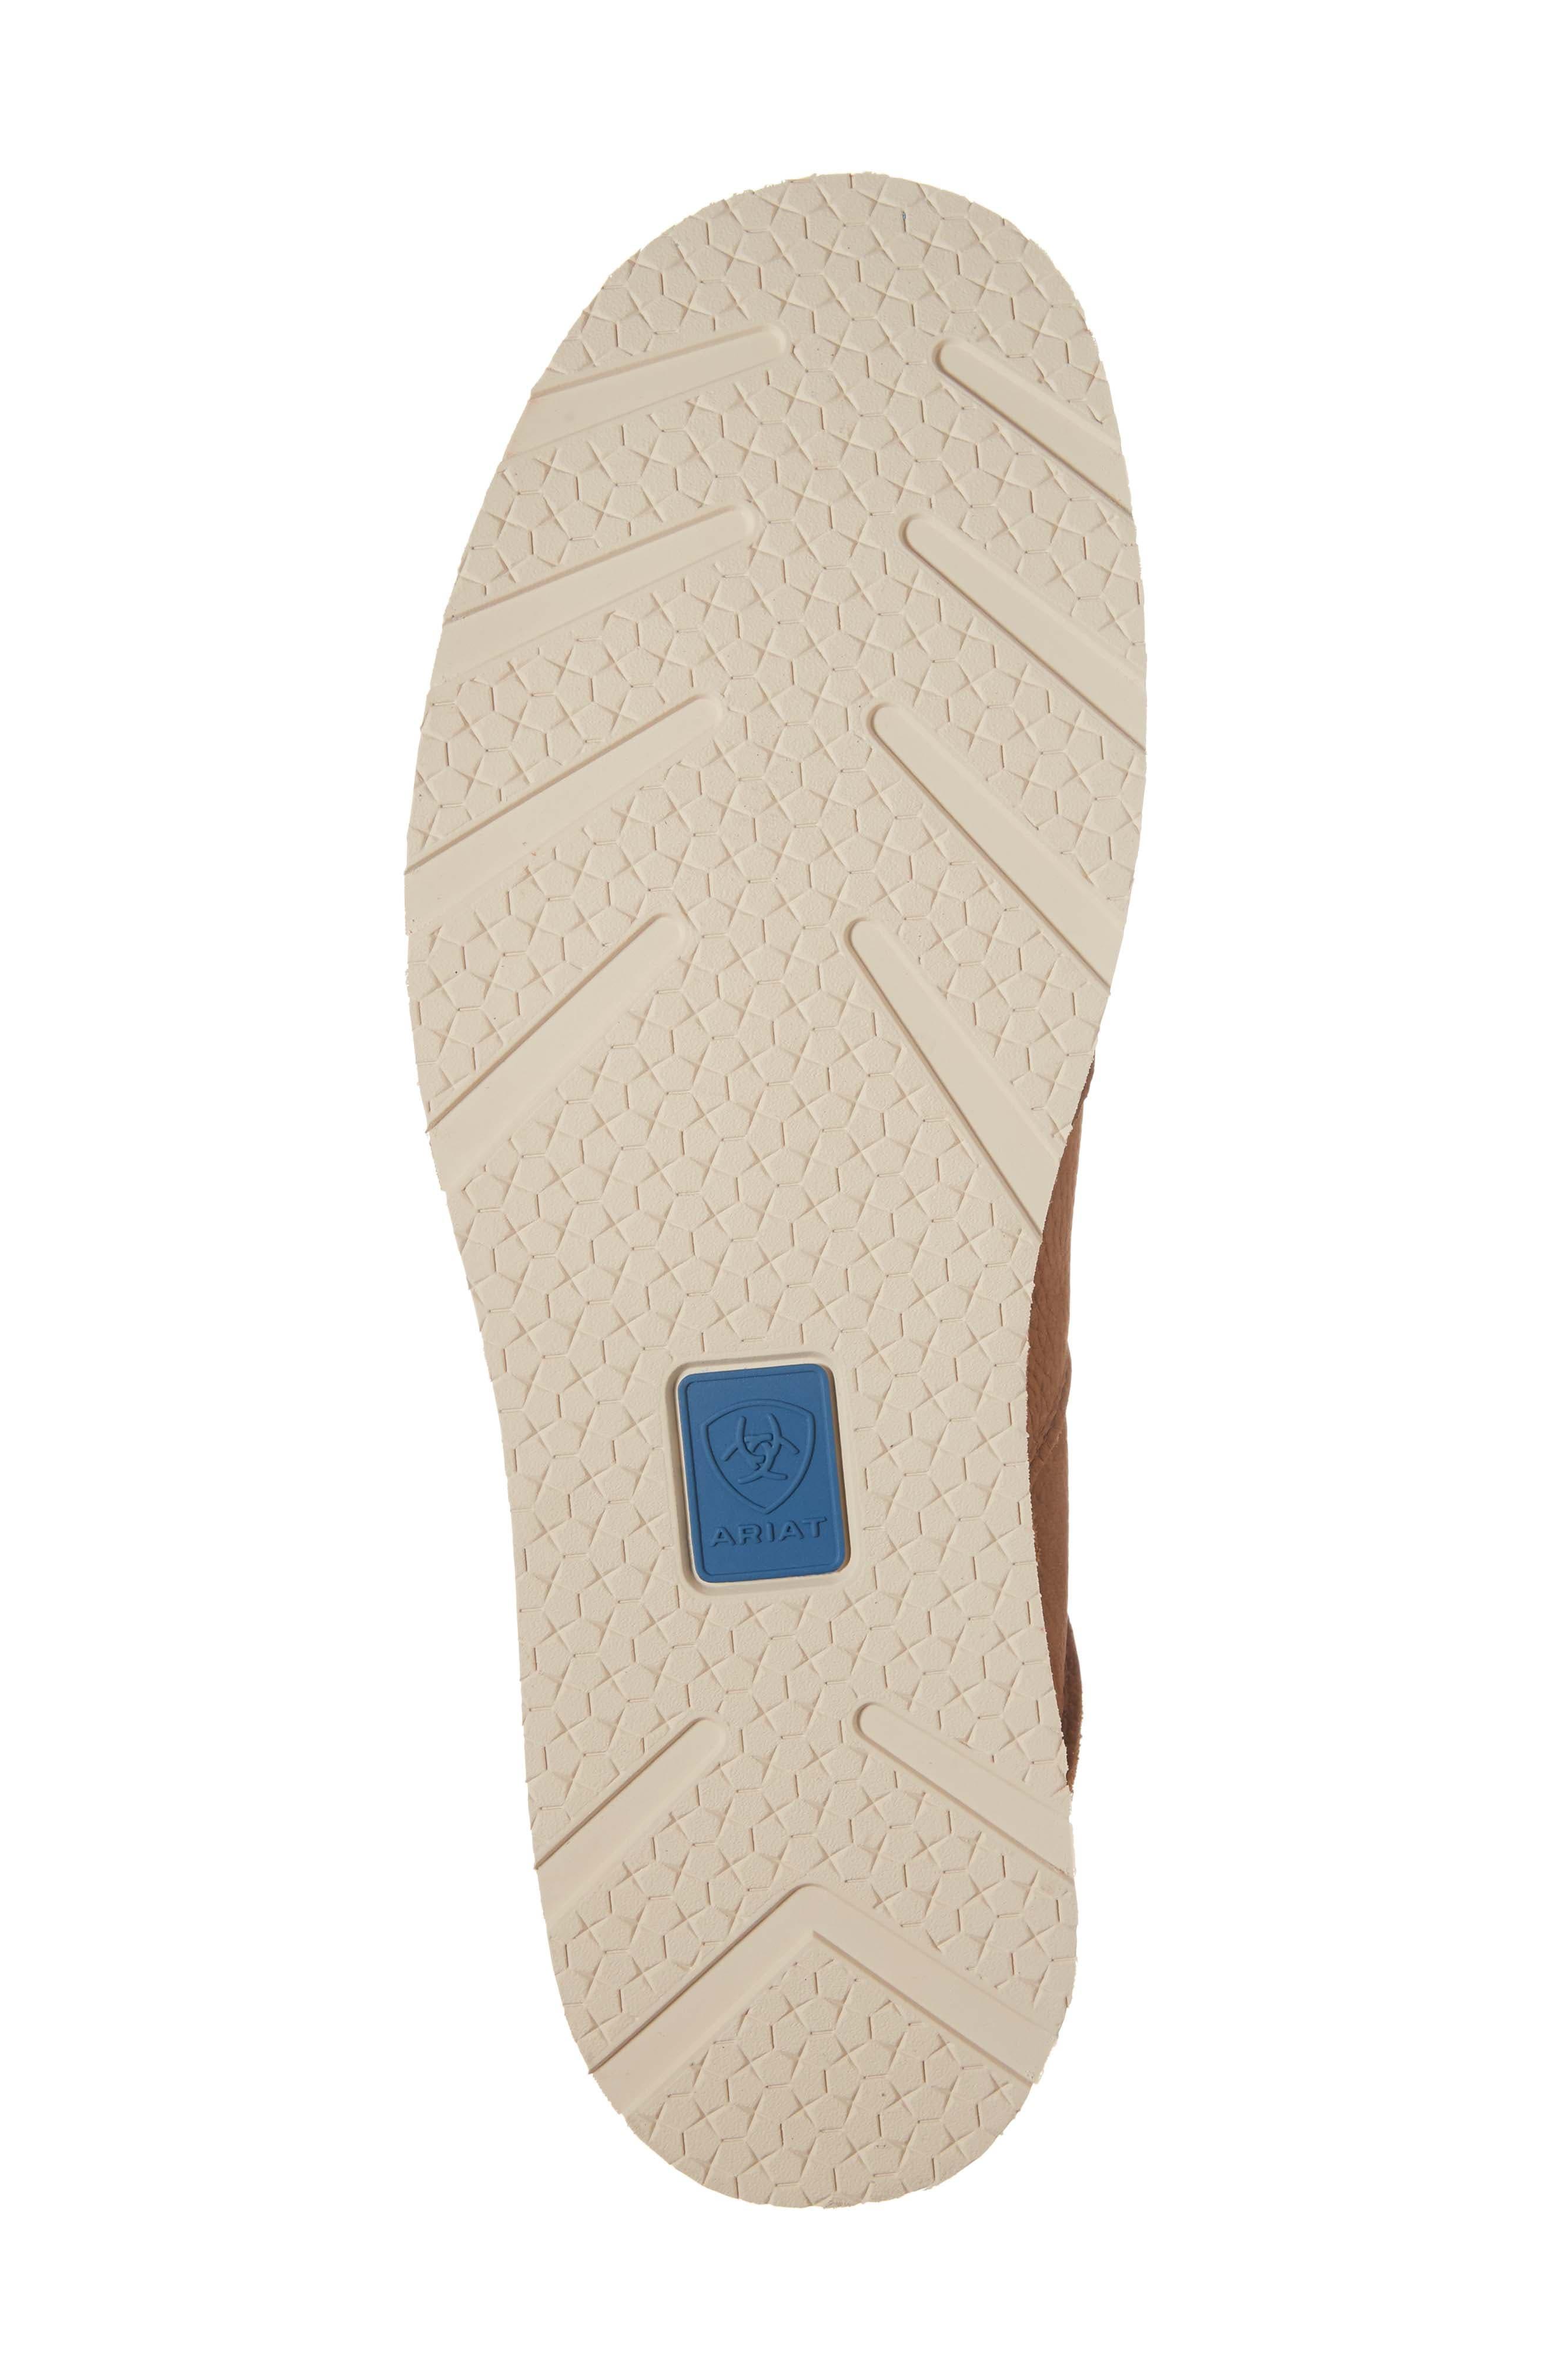 'Cruiser' Slip-On,                             Alternate thumbnail 6, color,                             Aged Bark Leather